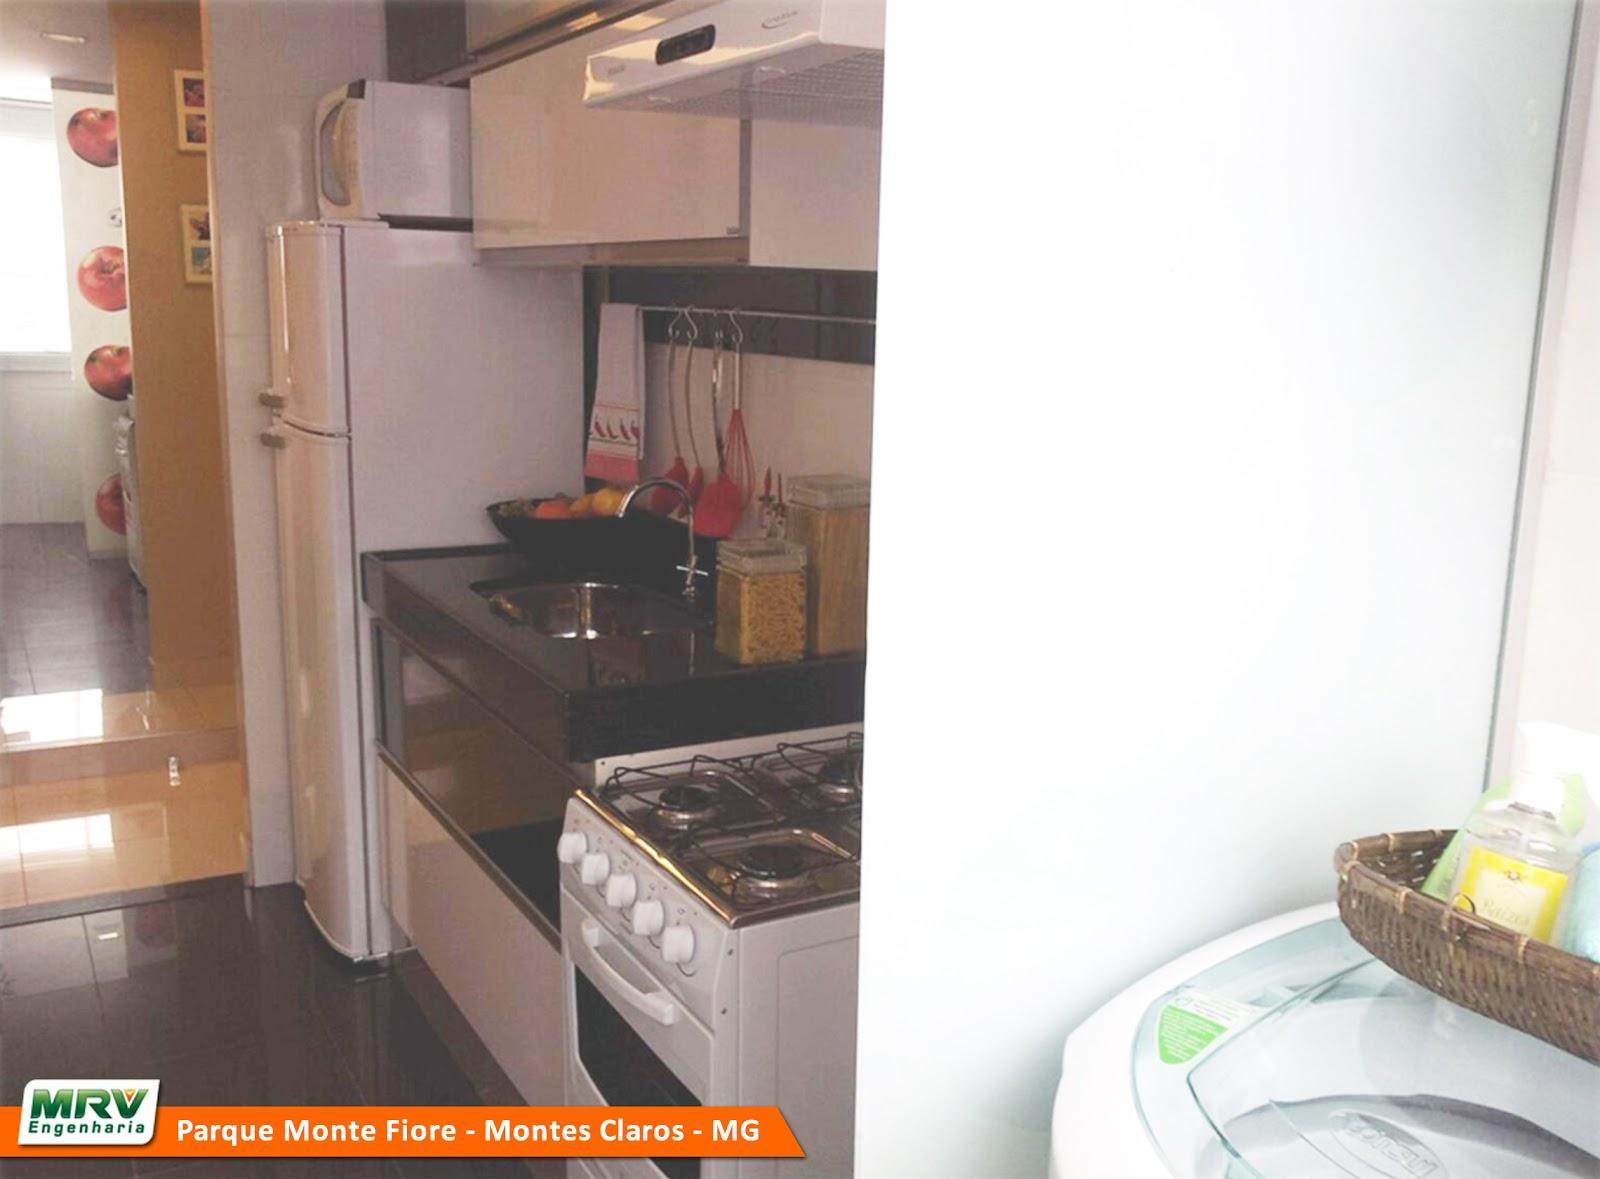 MRV Apartamento Decorado em Montes Claros MG Ângela Almeida  #C04E0B 1600 1179